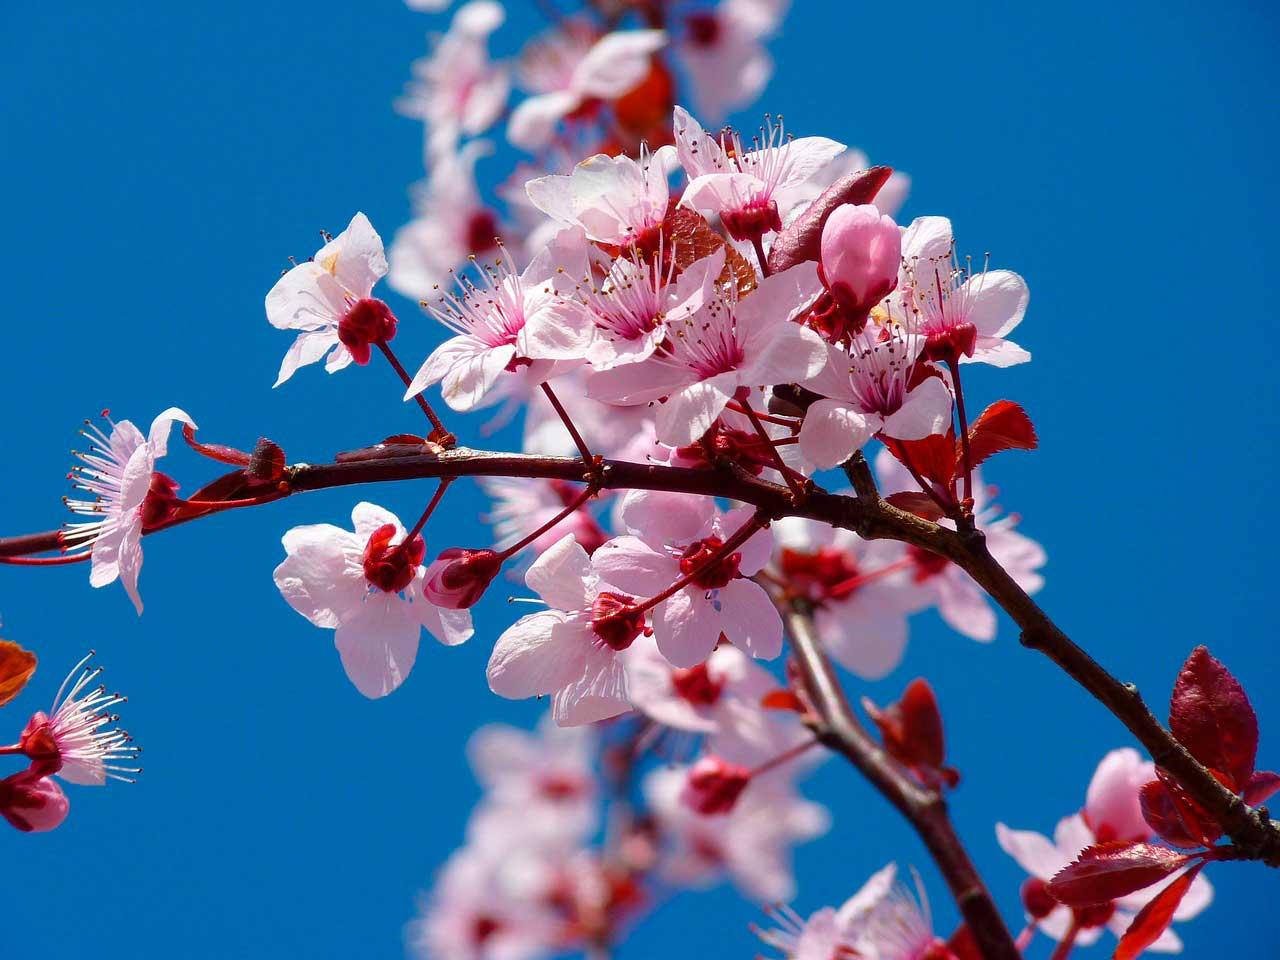 Esta o das flores no hemisf rio norte flores e flores - Plantas de temporada primavera ...